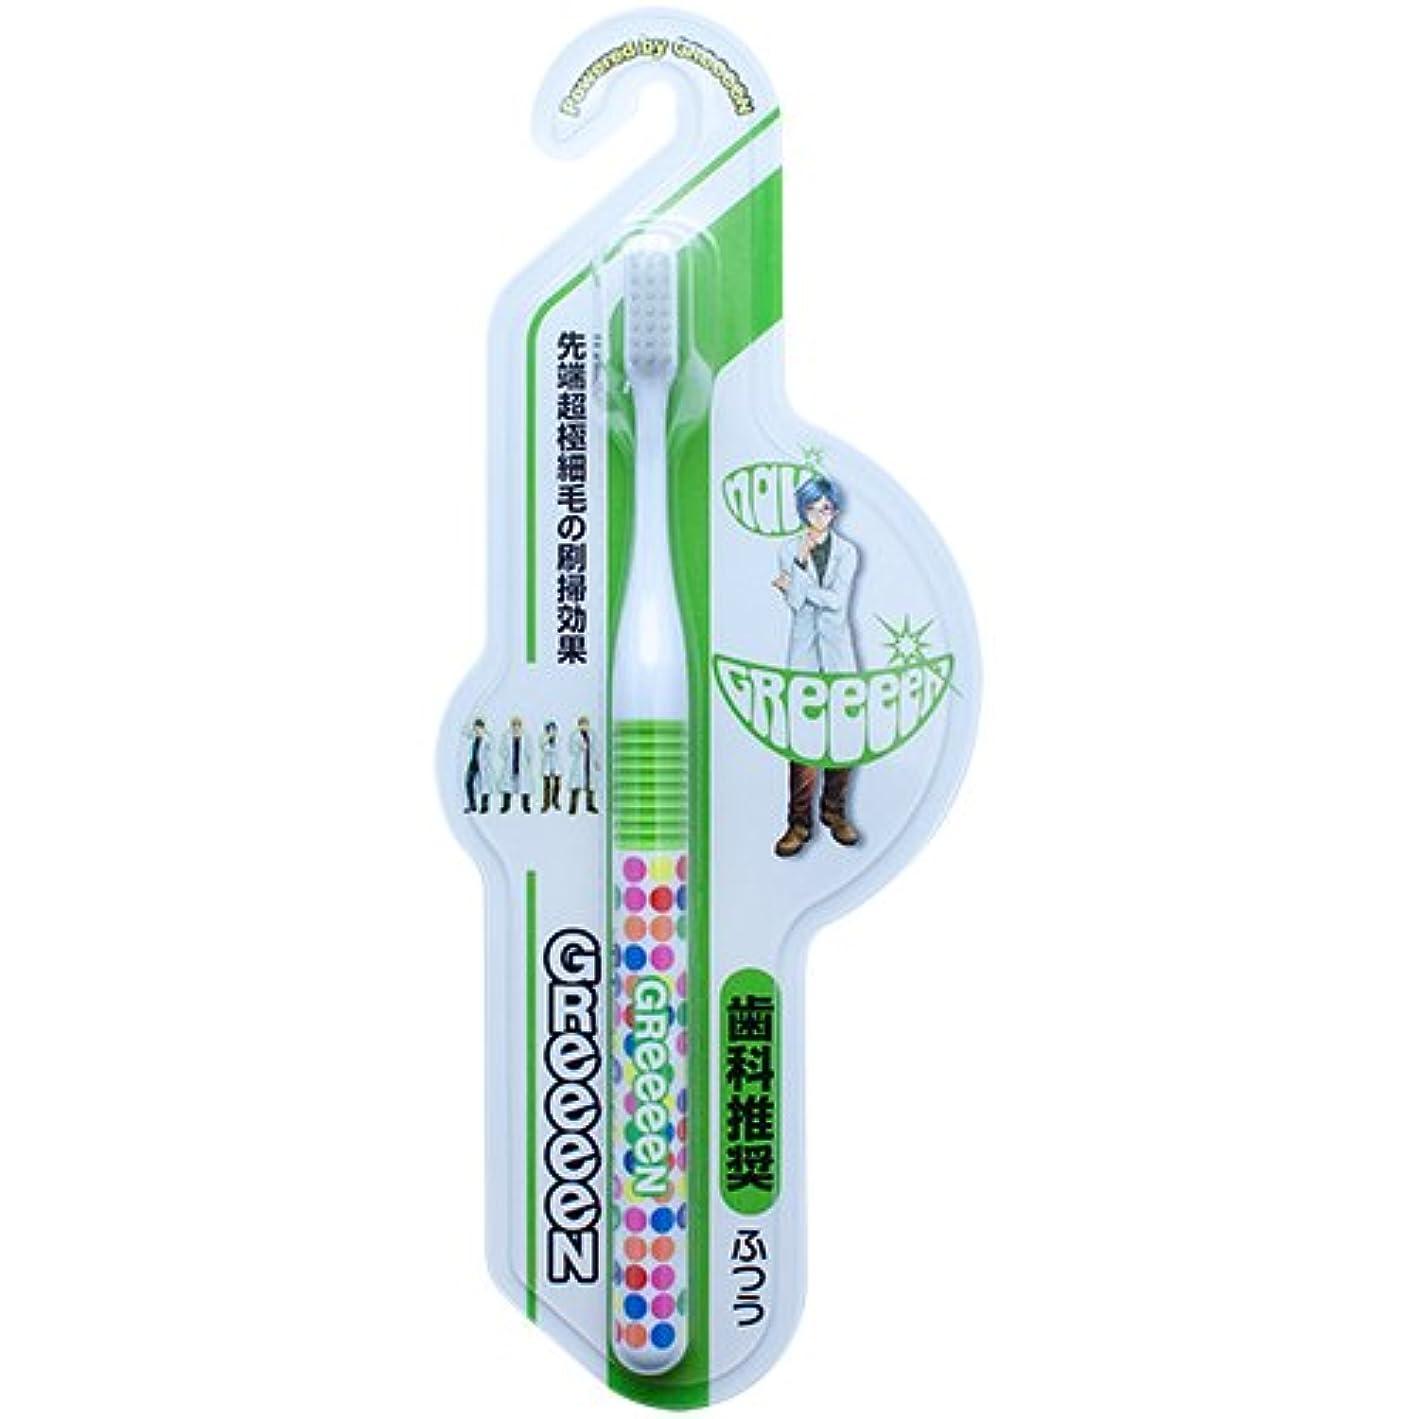 聞く明示的にポルトガル語GReeeeN 3列ヘッドラバーグリップ超極細毛歯ブラシ SIRO navi 1本